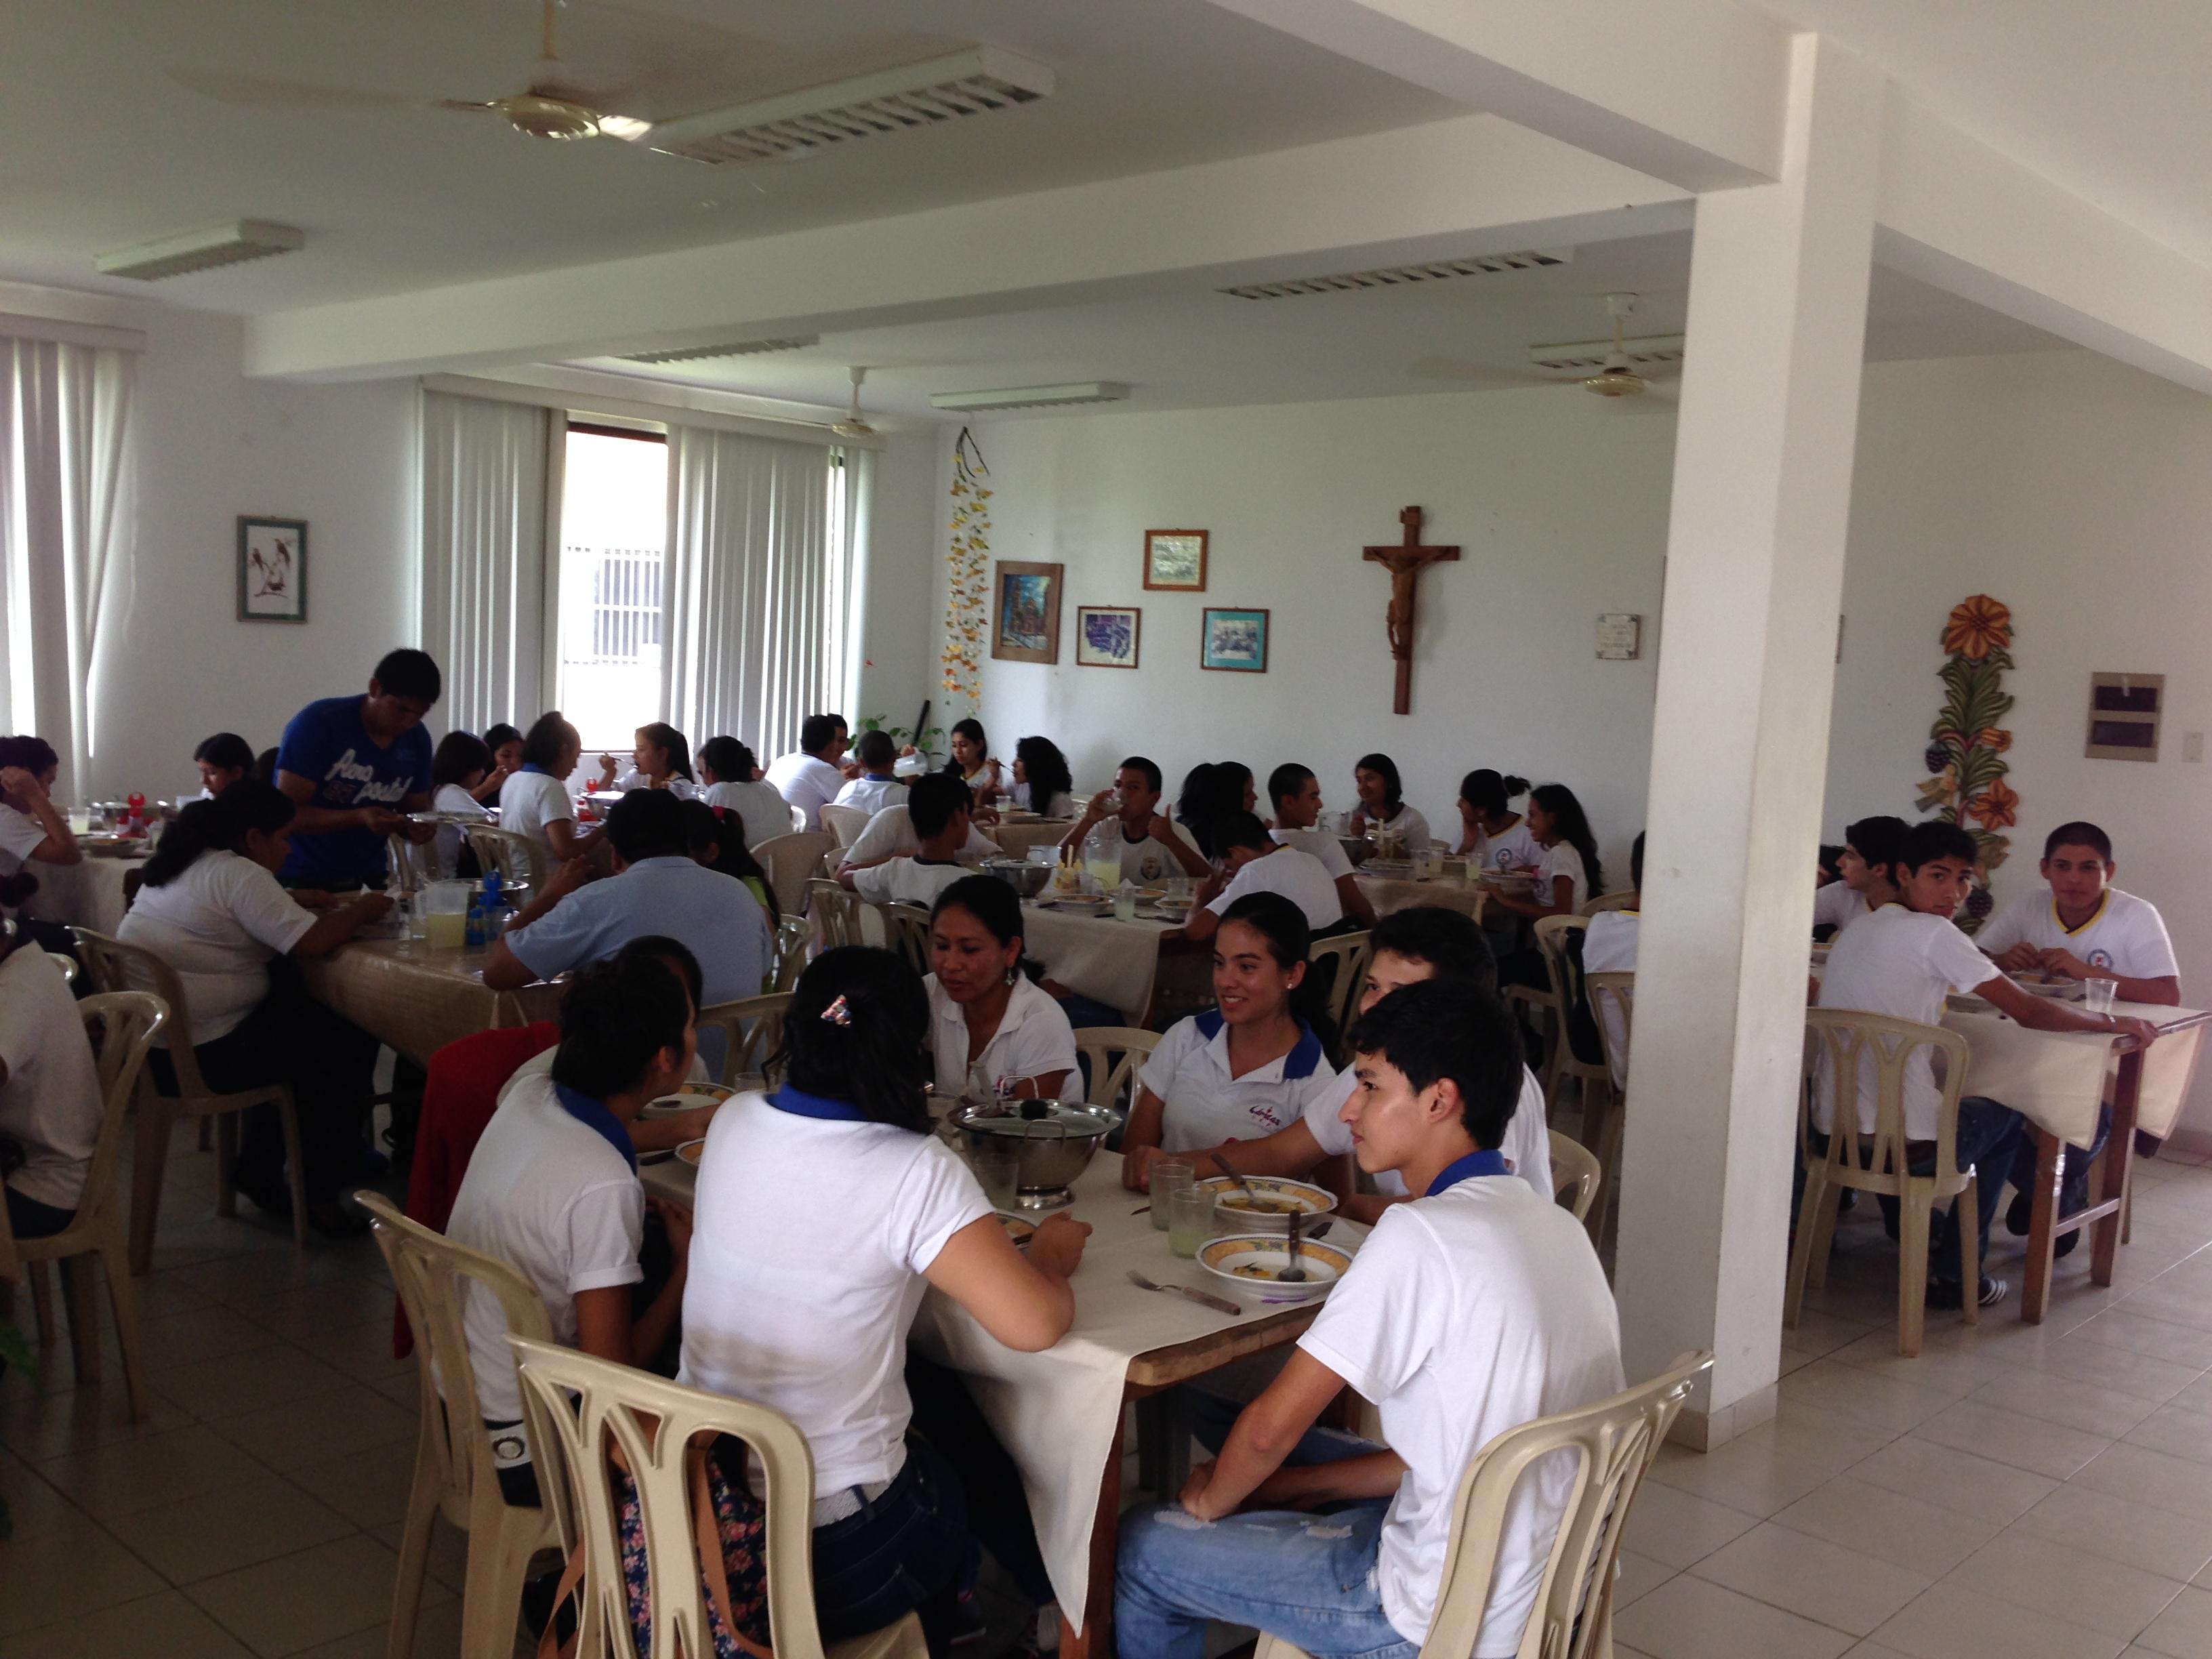 Grupo de jóvenes comiendo en uno de los comedores de la